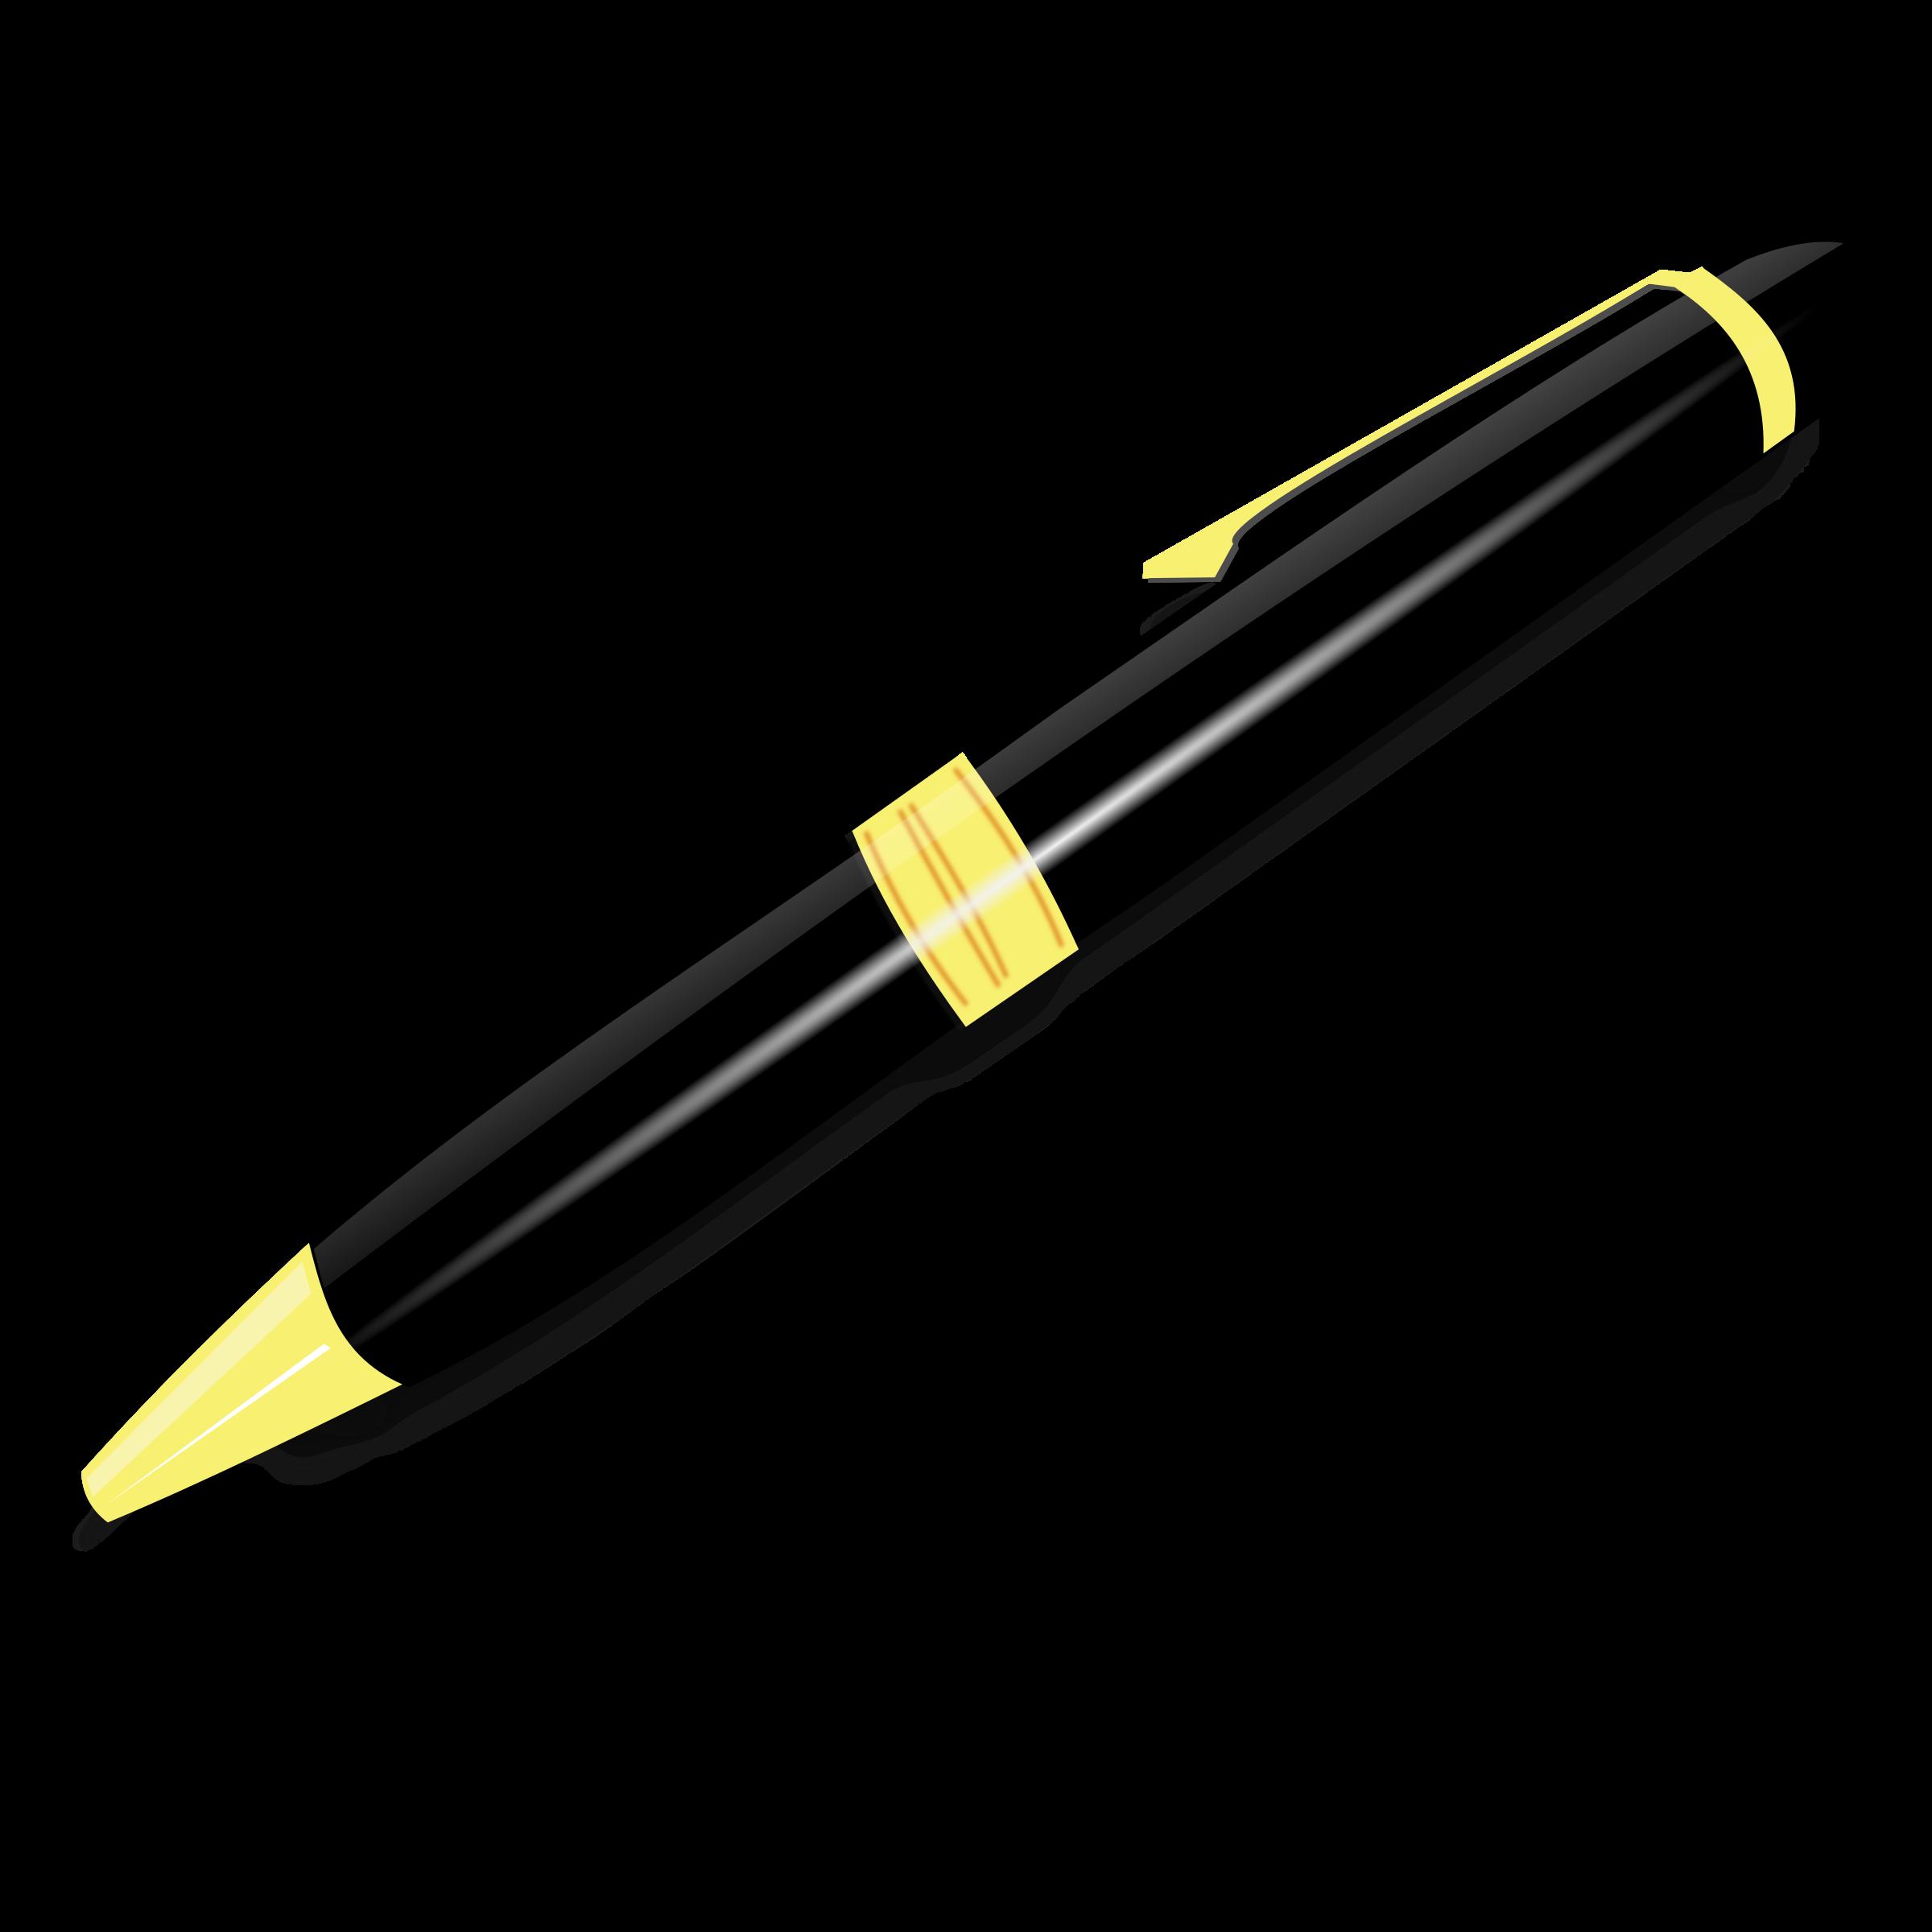 2400x2400 Pen Clip Art